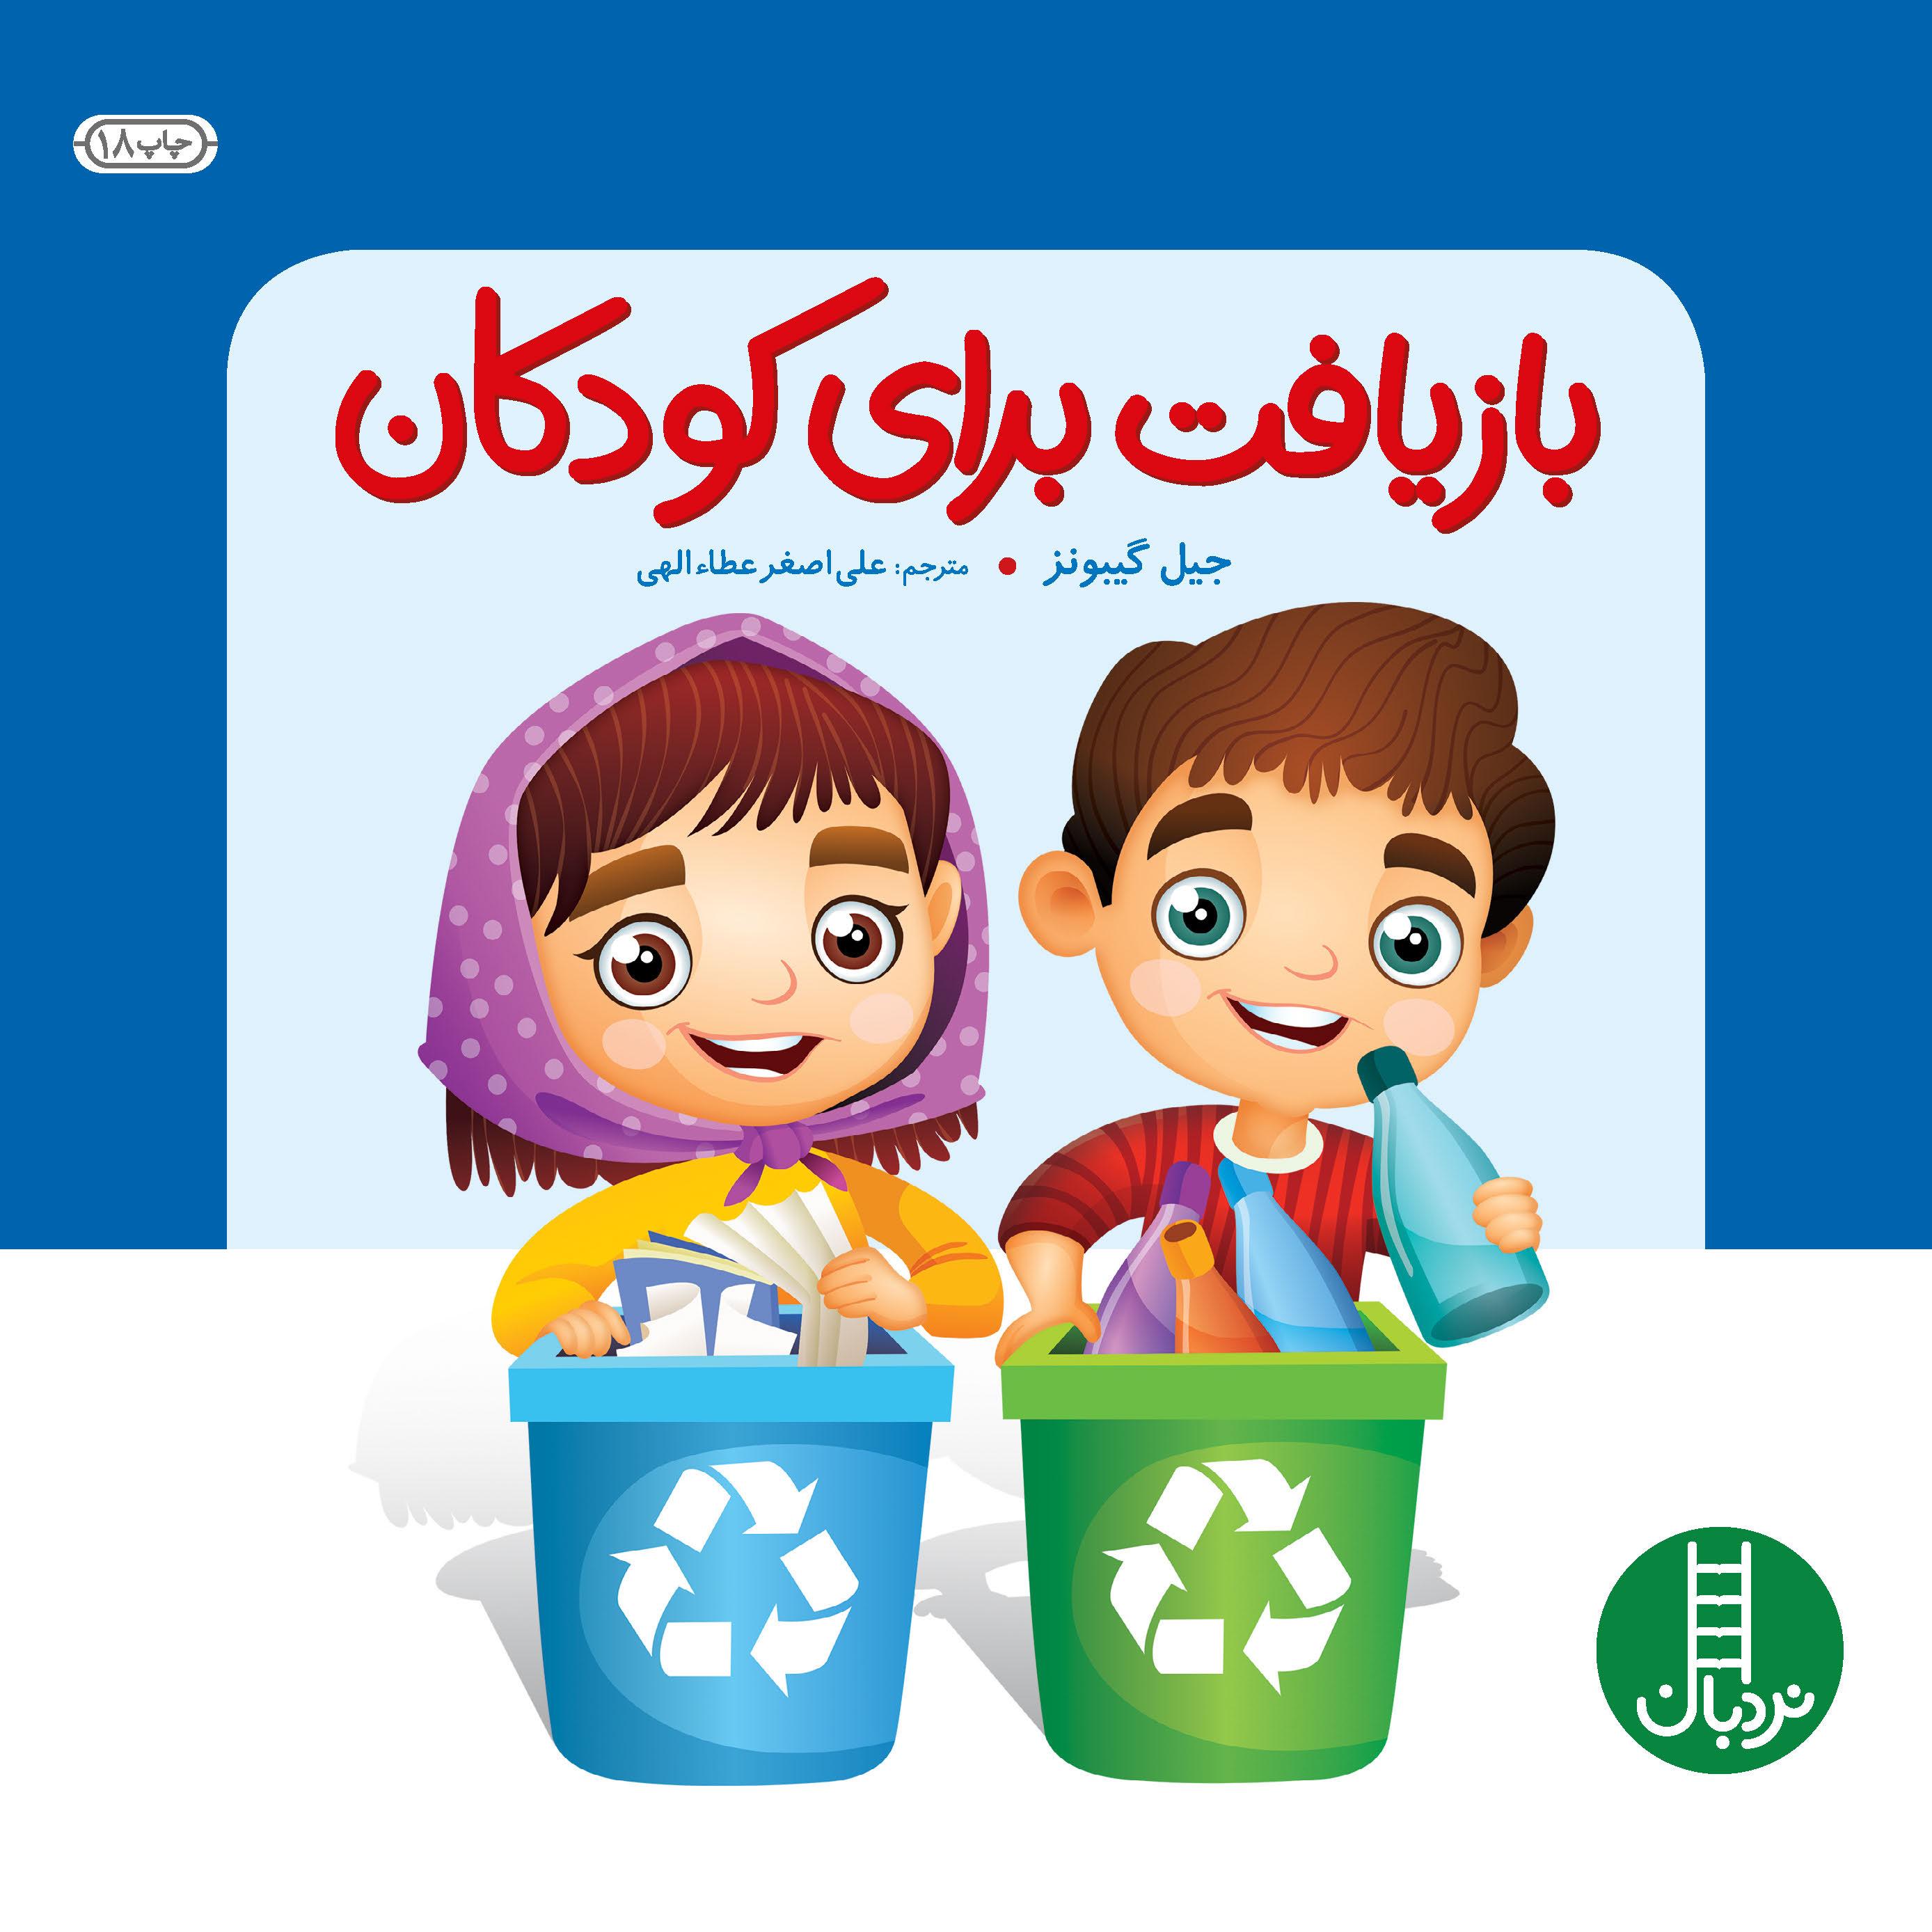 بازیافت برای کودكان